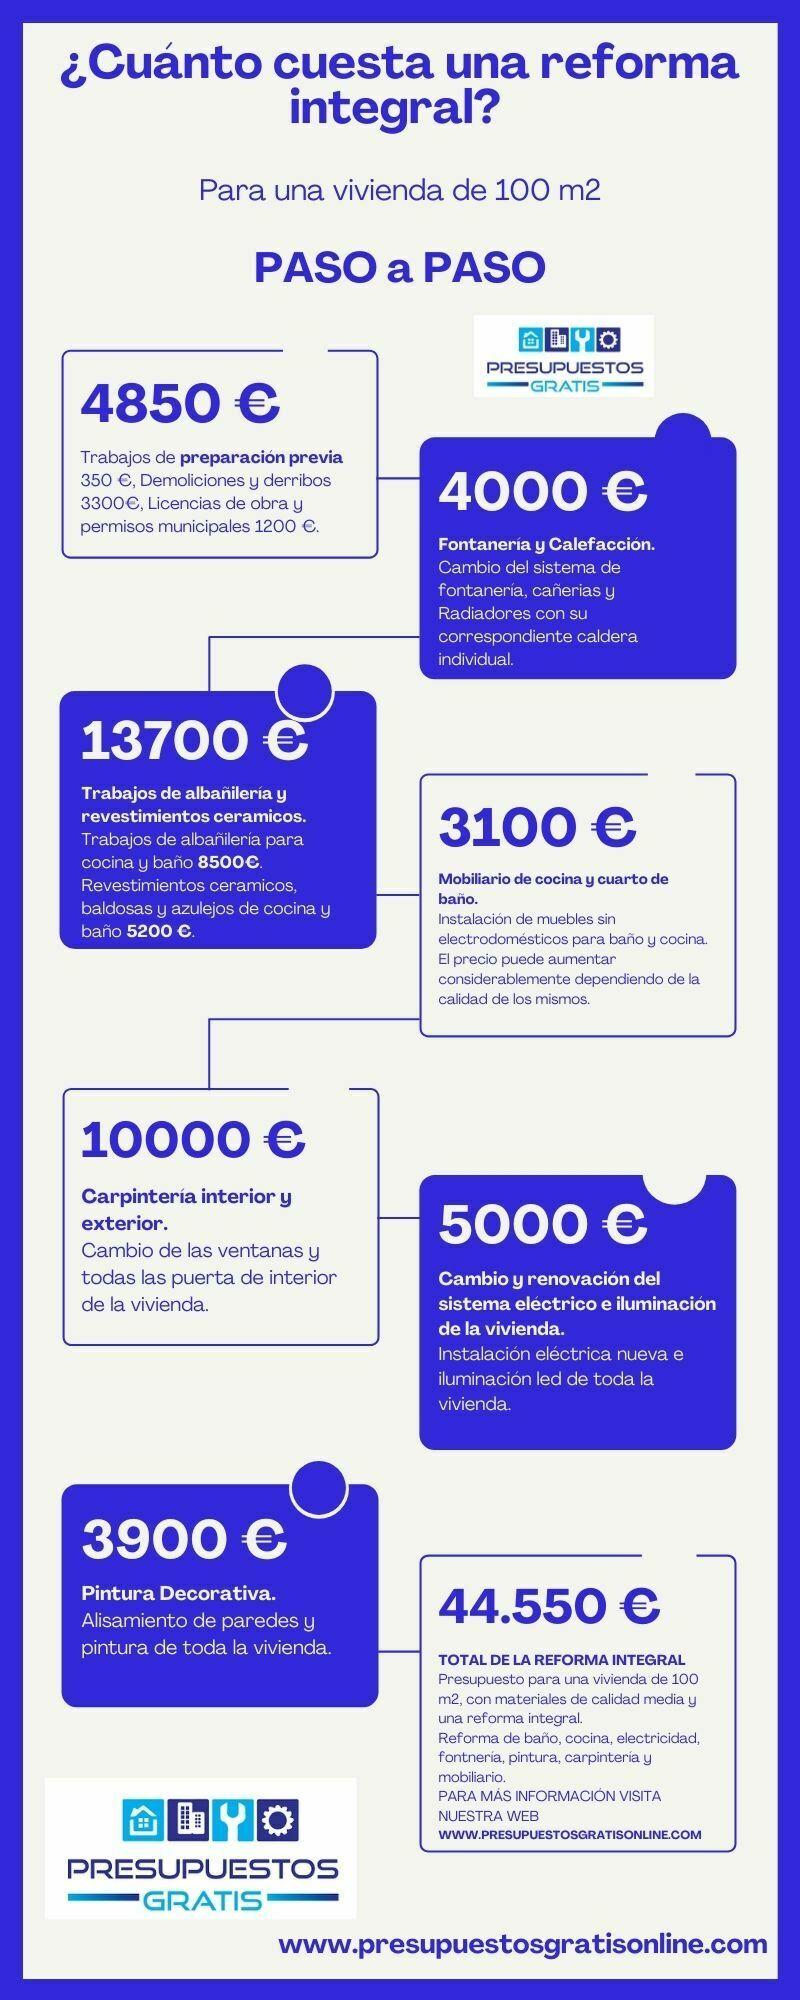 ¿Cuánto cuesta una reforma integral? PASO a PASO, infografía